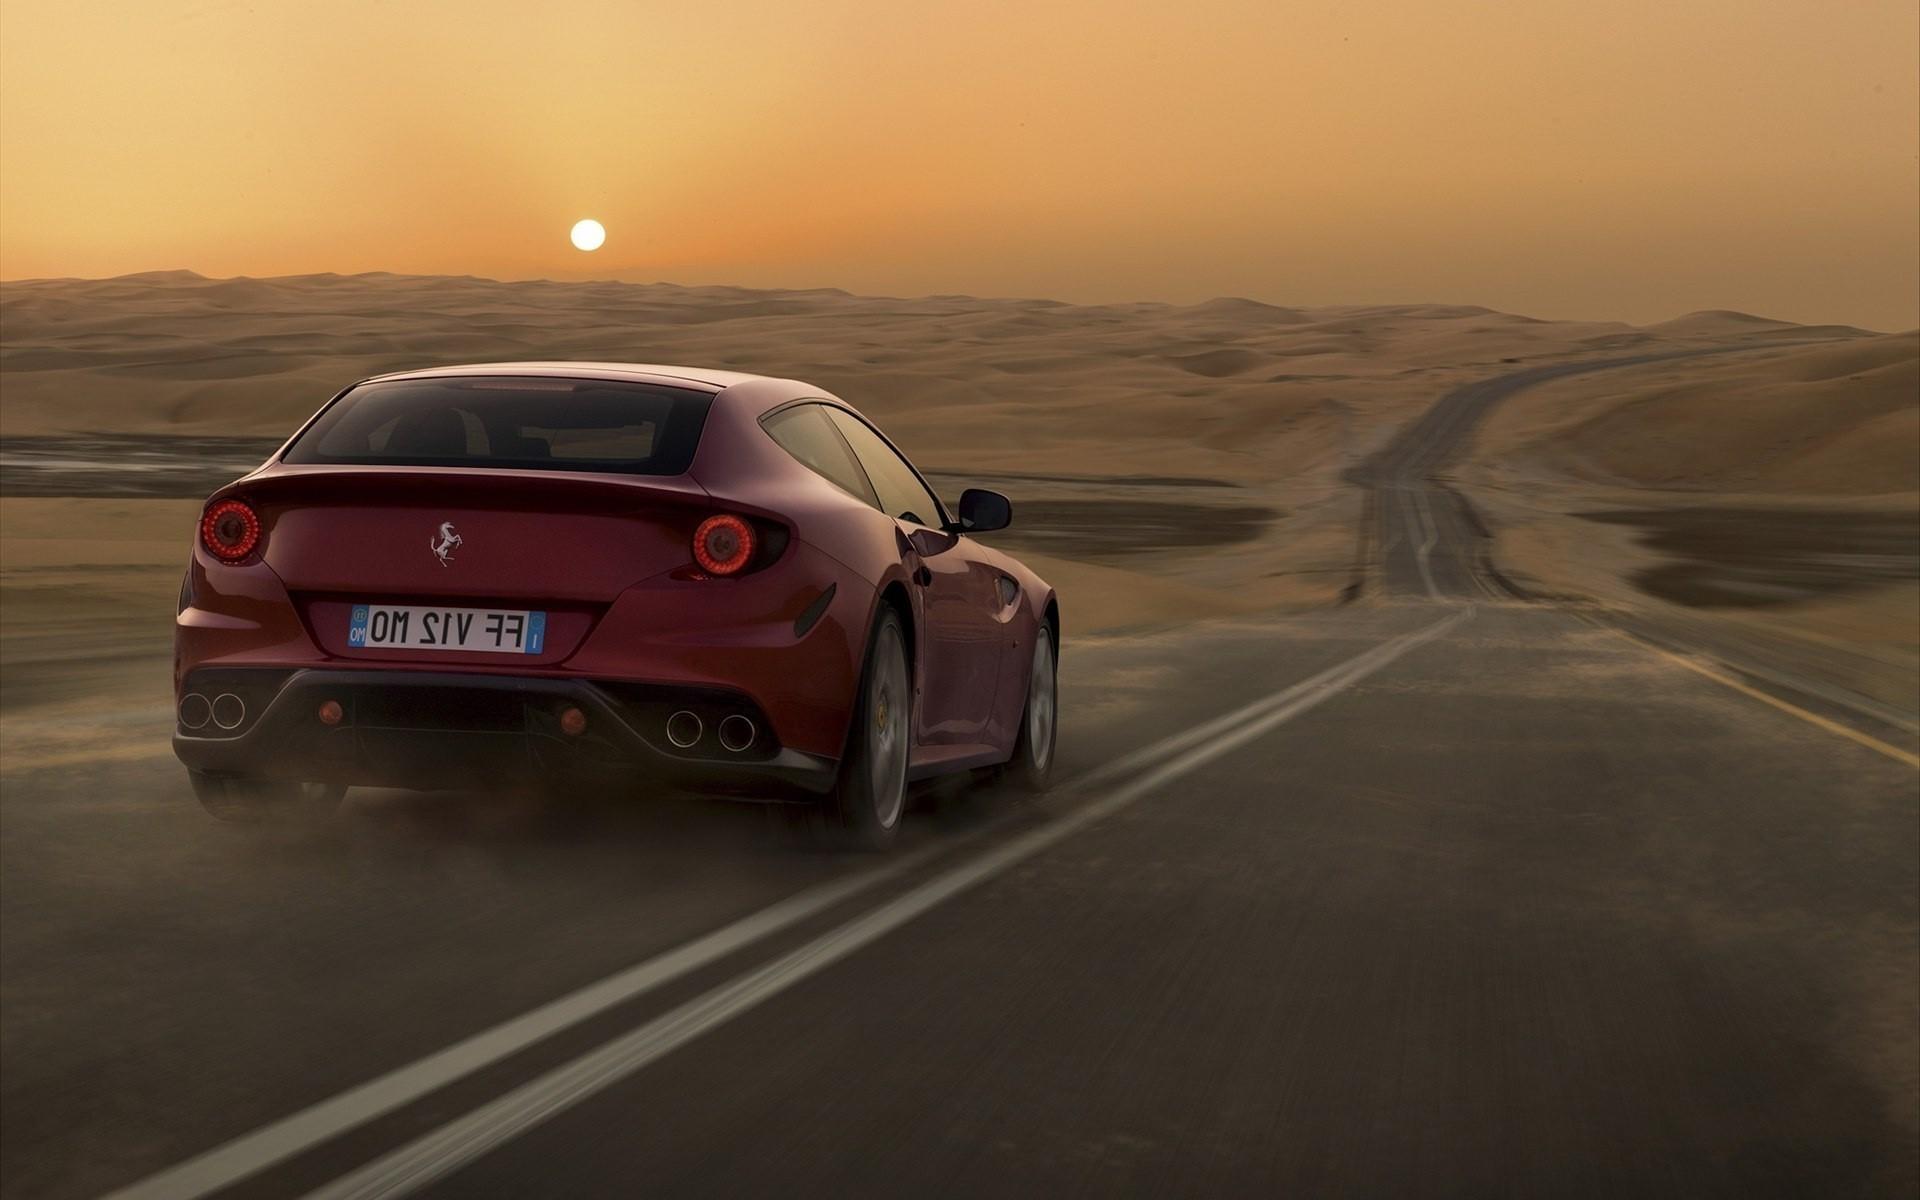 48949 скачать обои Транспорт, Пейзаж, Машины, Закат, Дороги, Феррари (Ferrari), Пустыня - заставки и картинки бесплатно